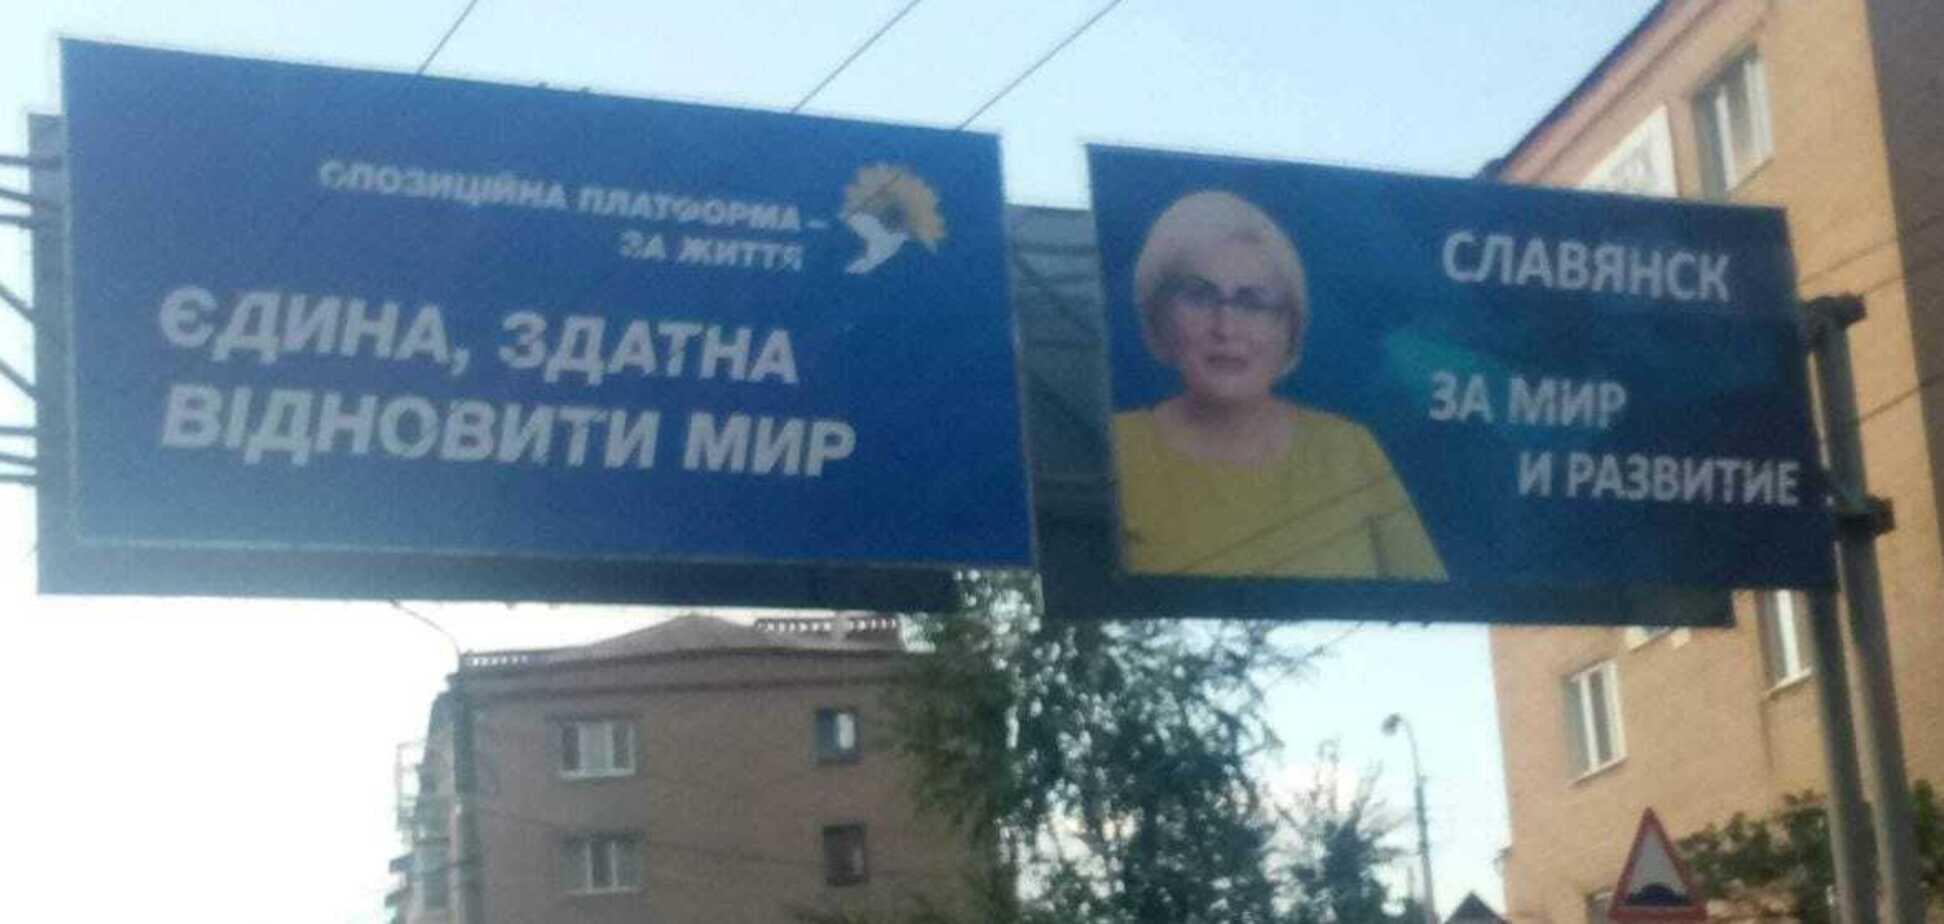 У Слов'янську помітили білборди із зображенням Нелі Штепи